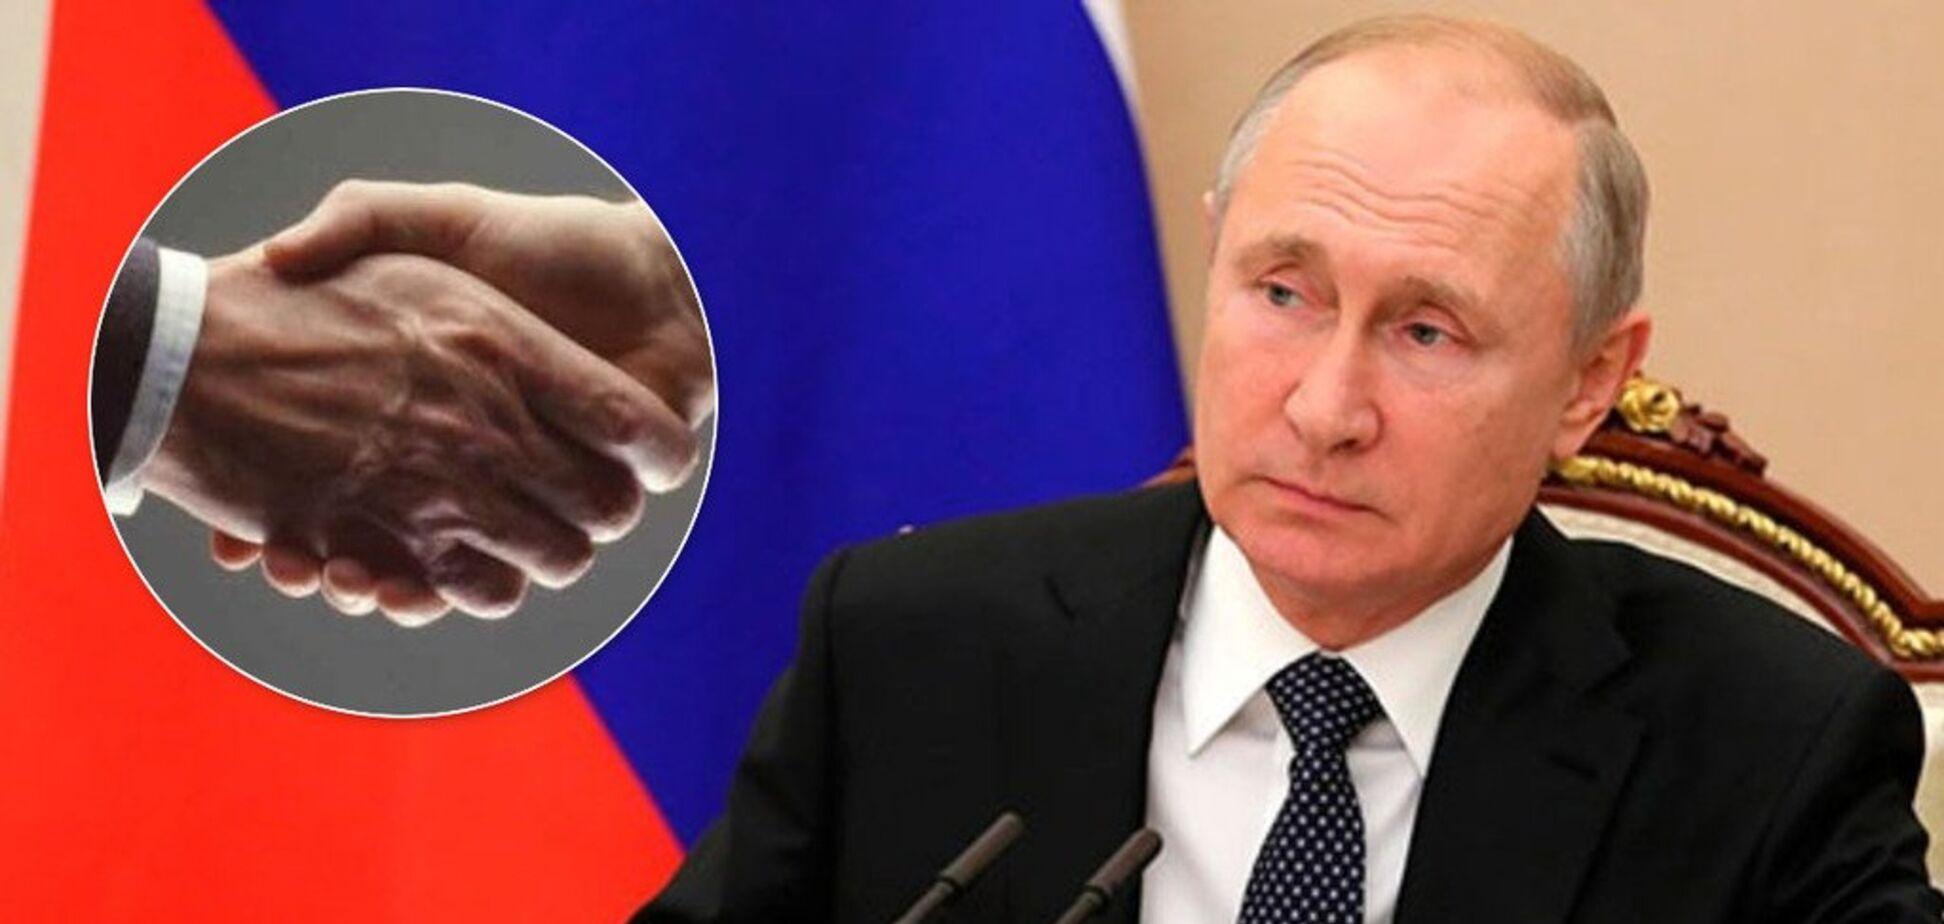 Новий Трамп? У Путіна з'явився ще один впливовий друг: що про нього відомо